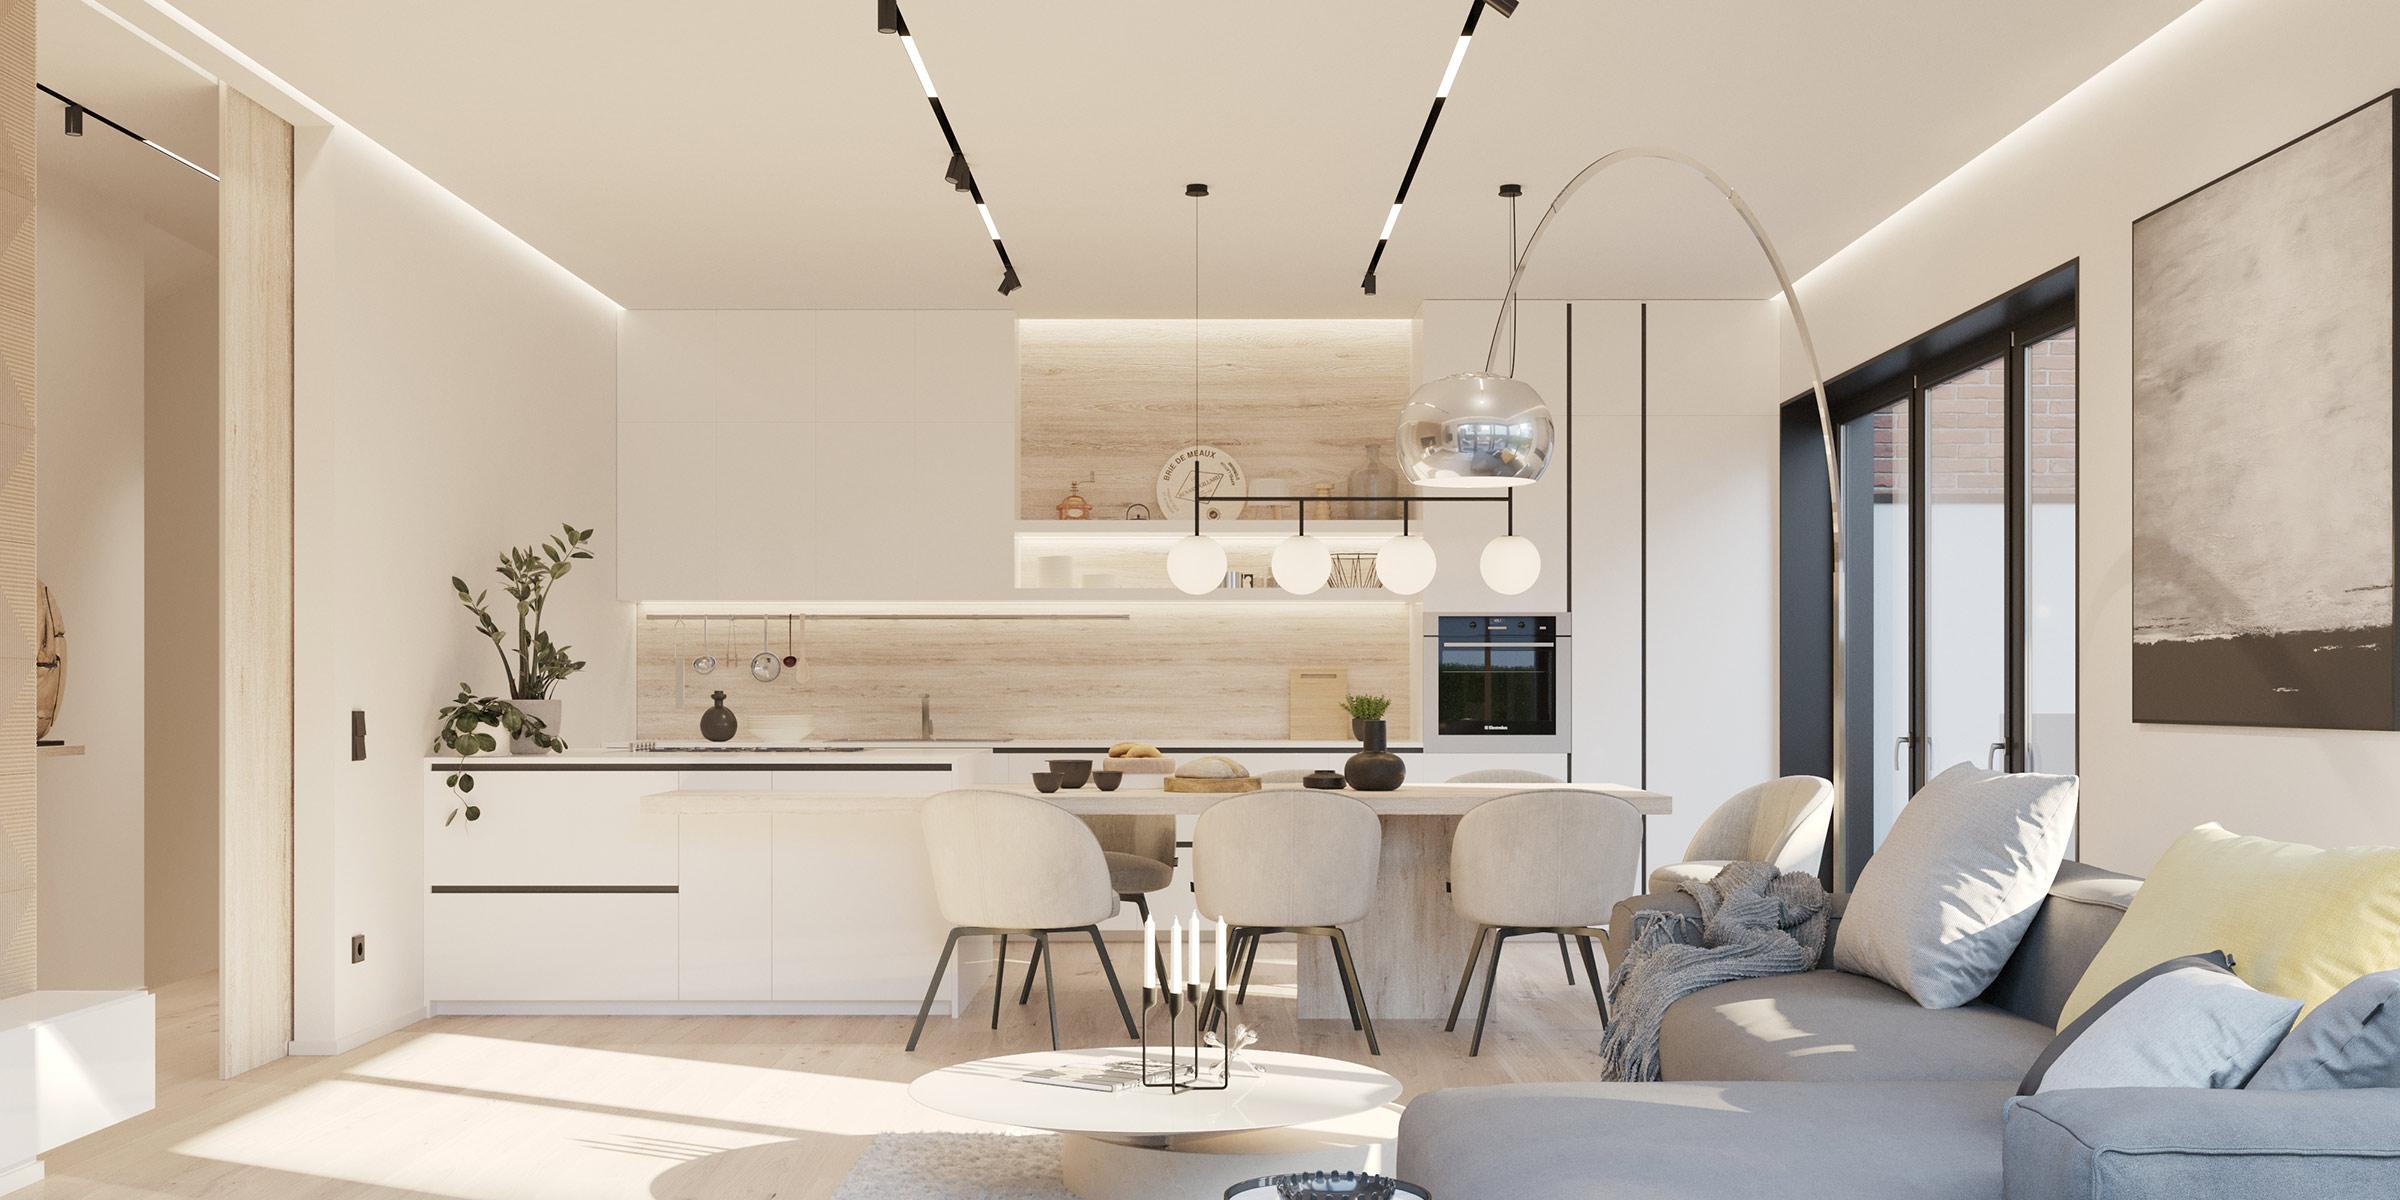 Küche 3D Visualisierung